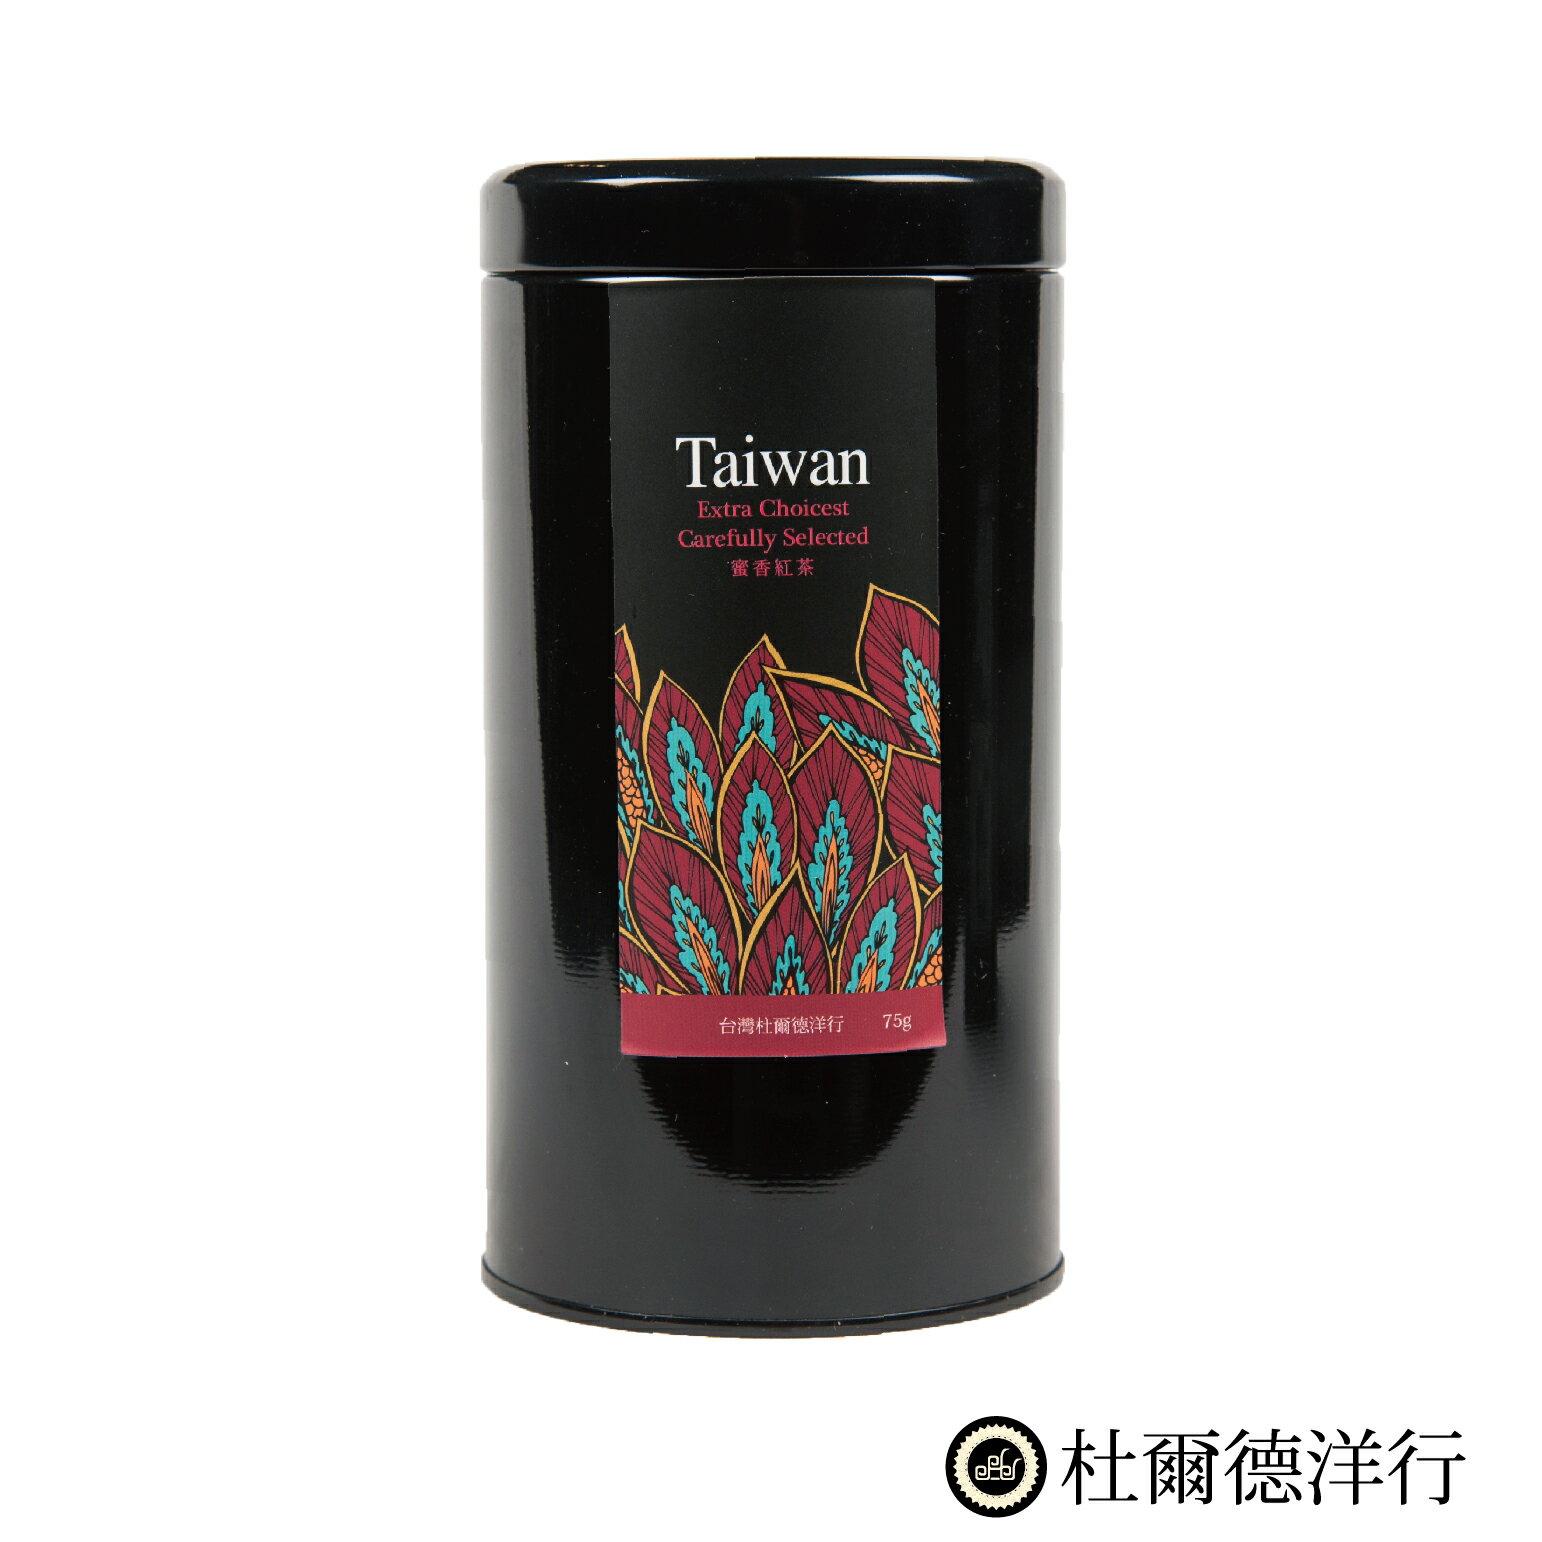 【杜爾德洋行 Dodd Tea】嚴選蜜香紅茶75g 0